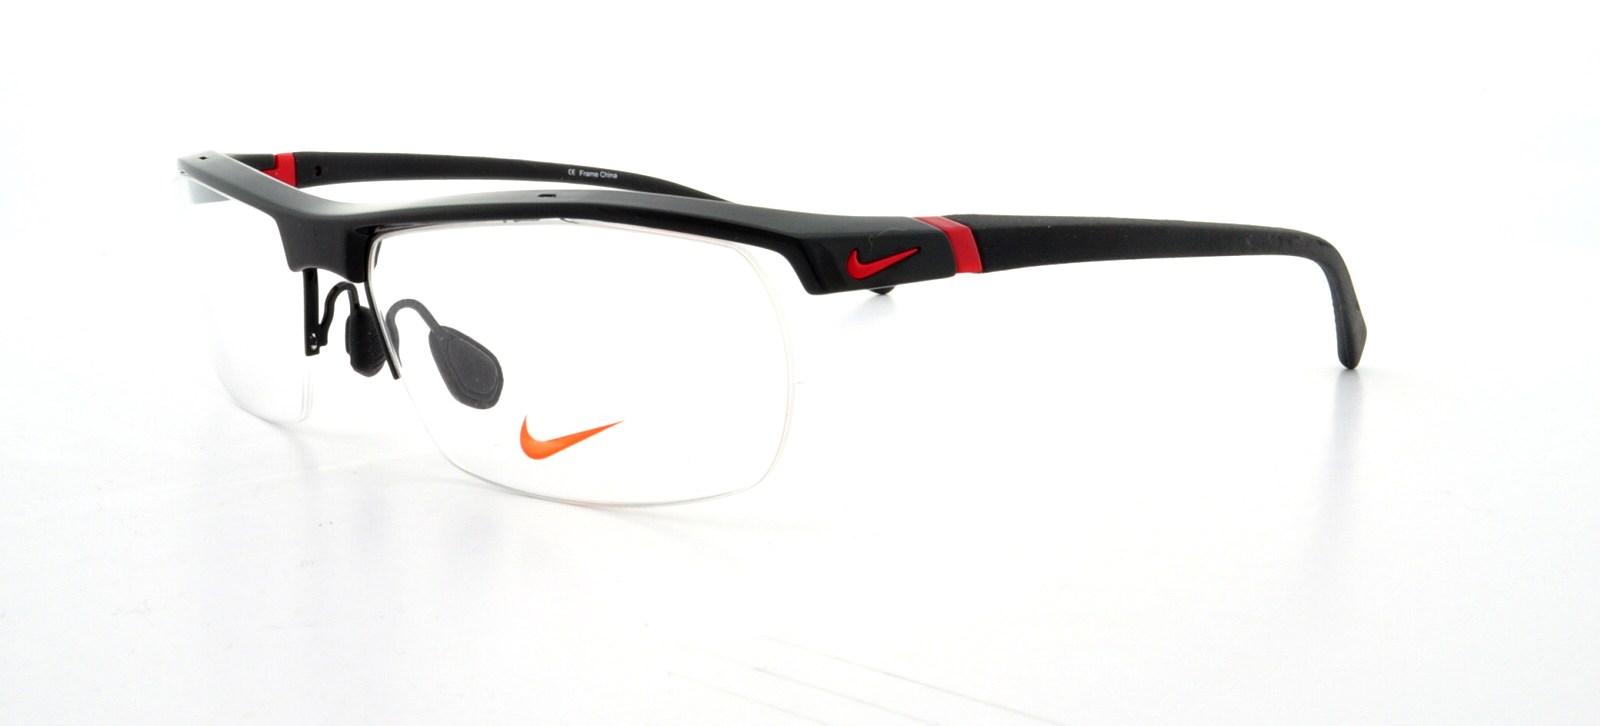 5b01ea6377 Designer Frames Outlet. Nike 7071 2